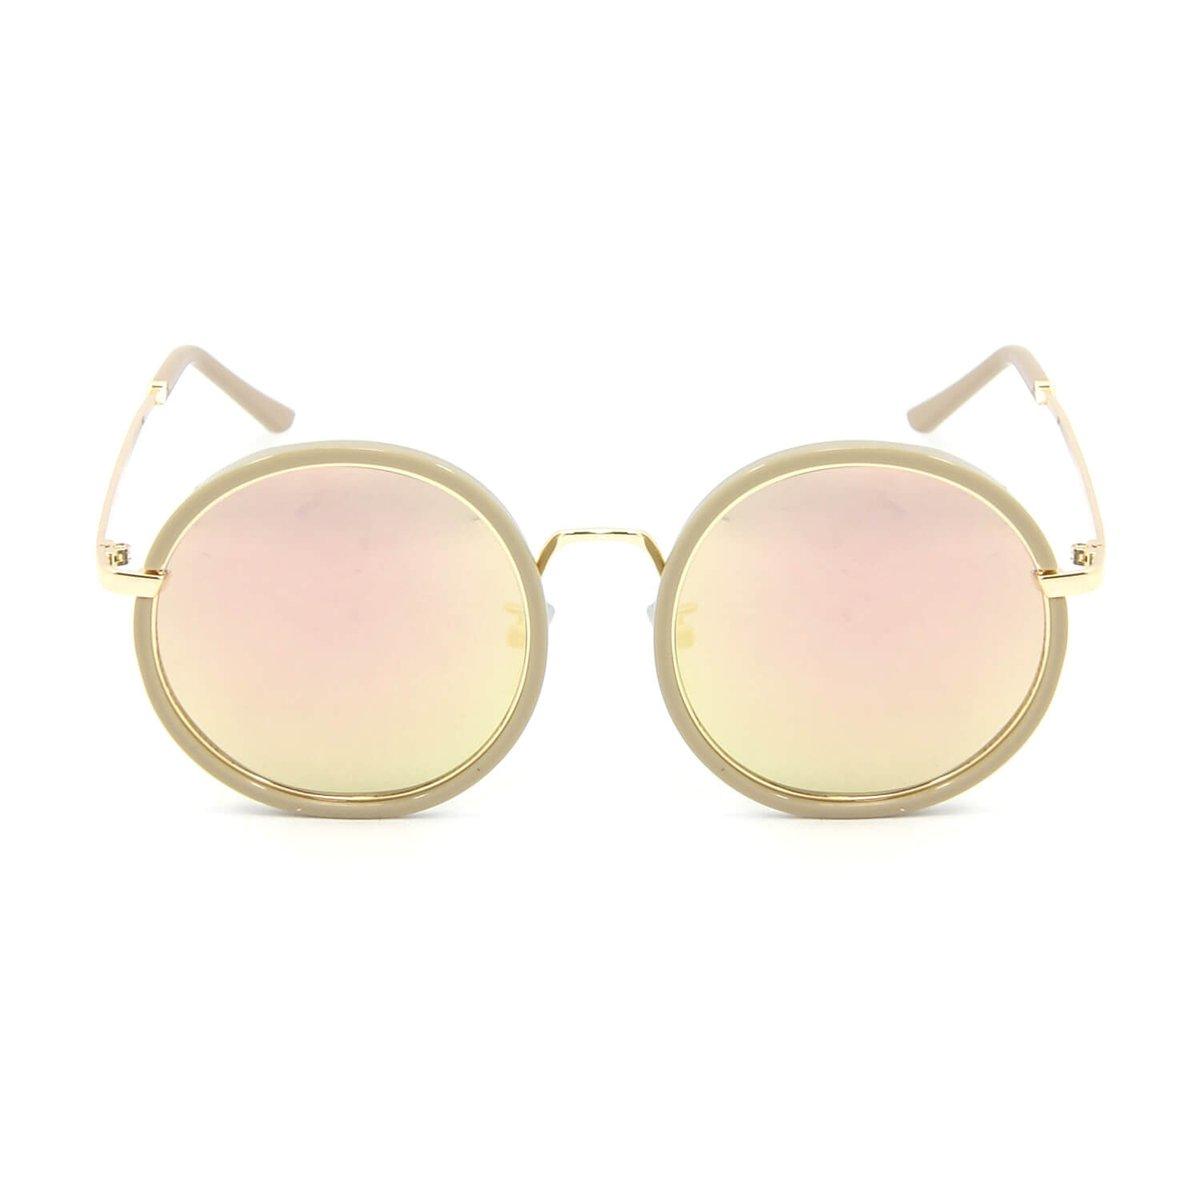 Óculos de Sol Redondo Style Espelhado - Compre Agora   Zattini 839de14eba